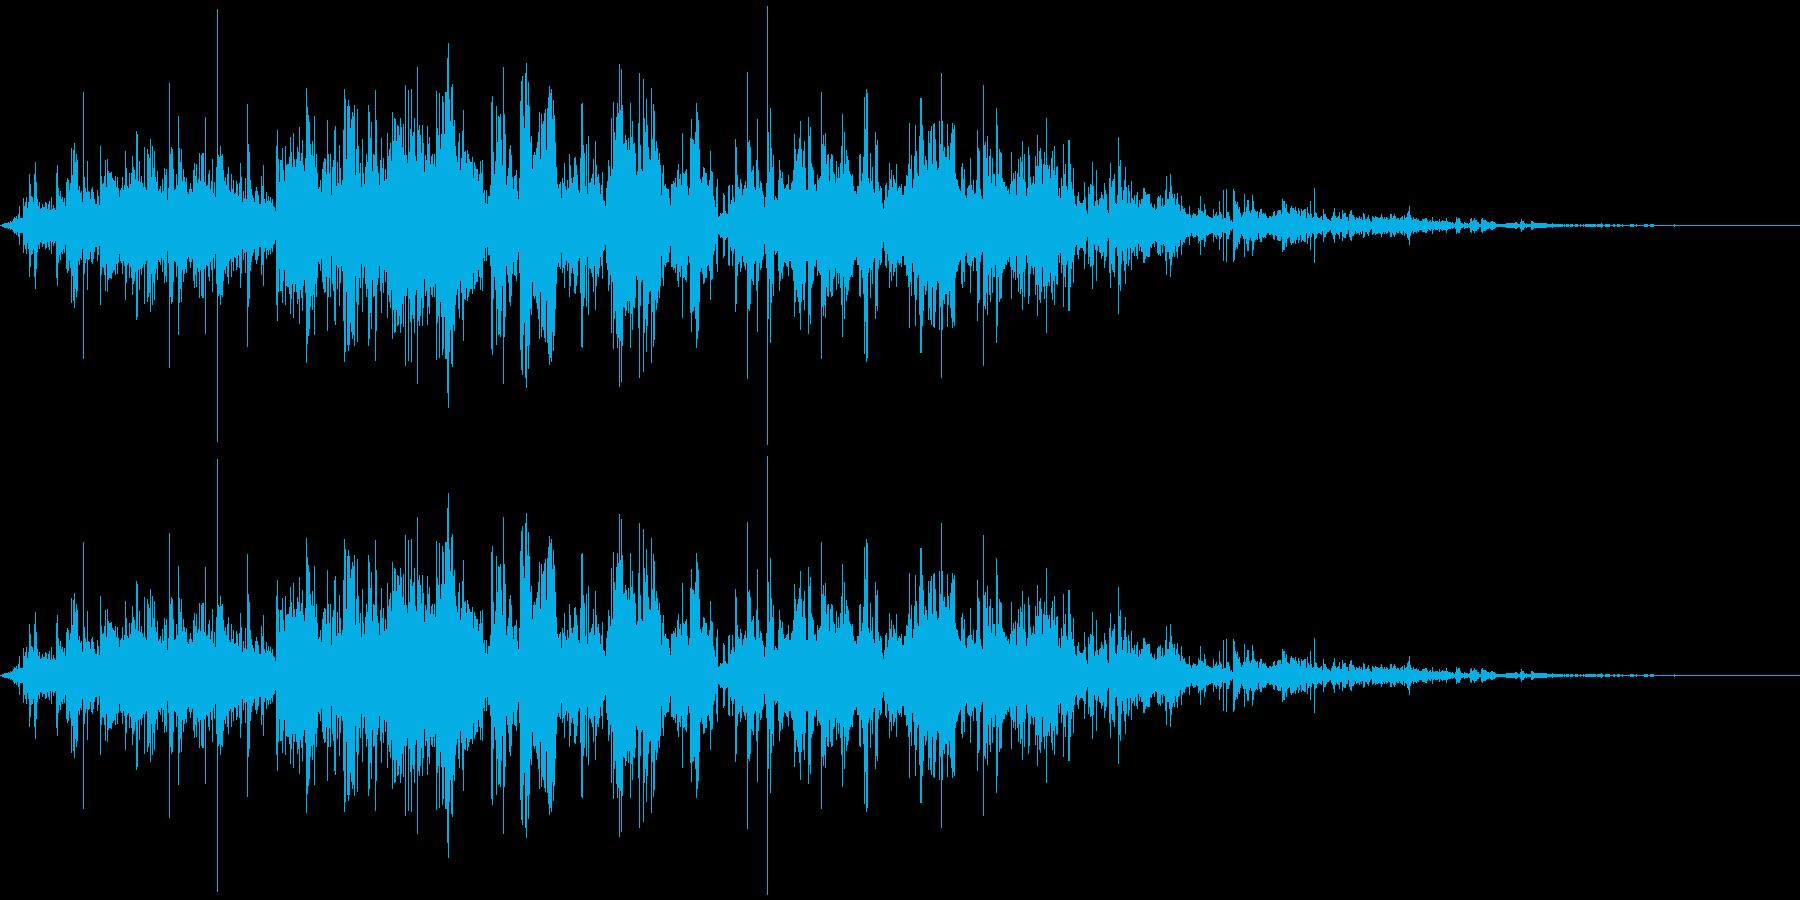 鎖を動かす音2【長い】の再生済みの波形